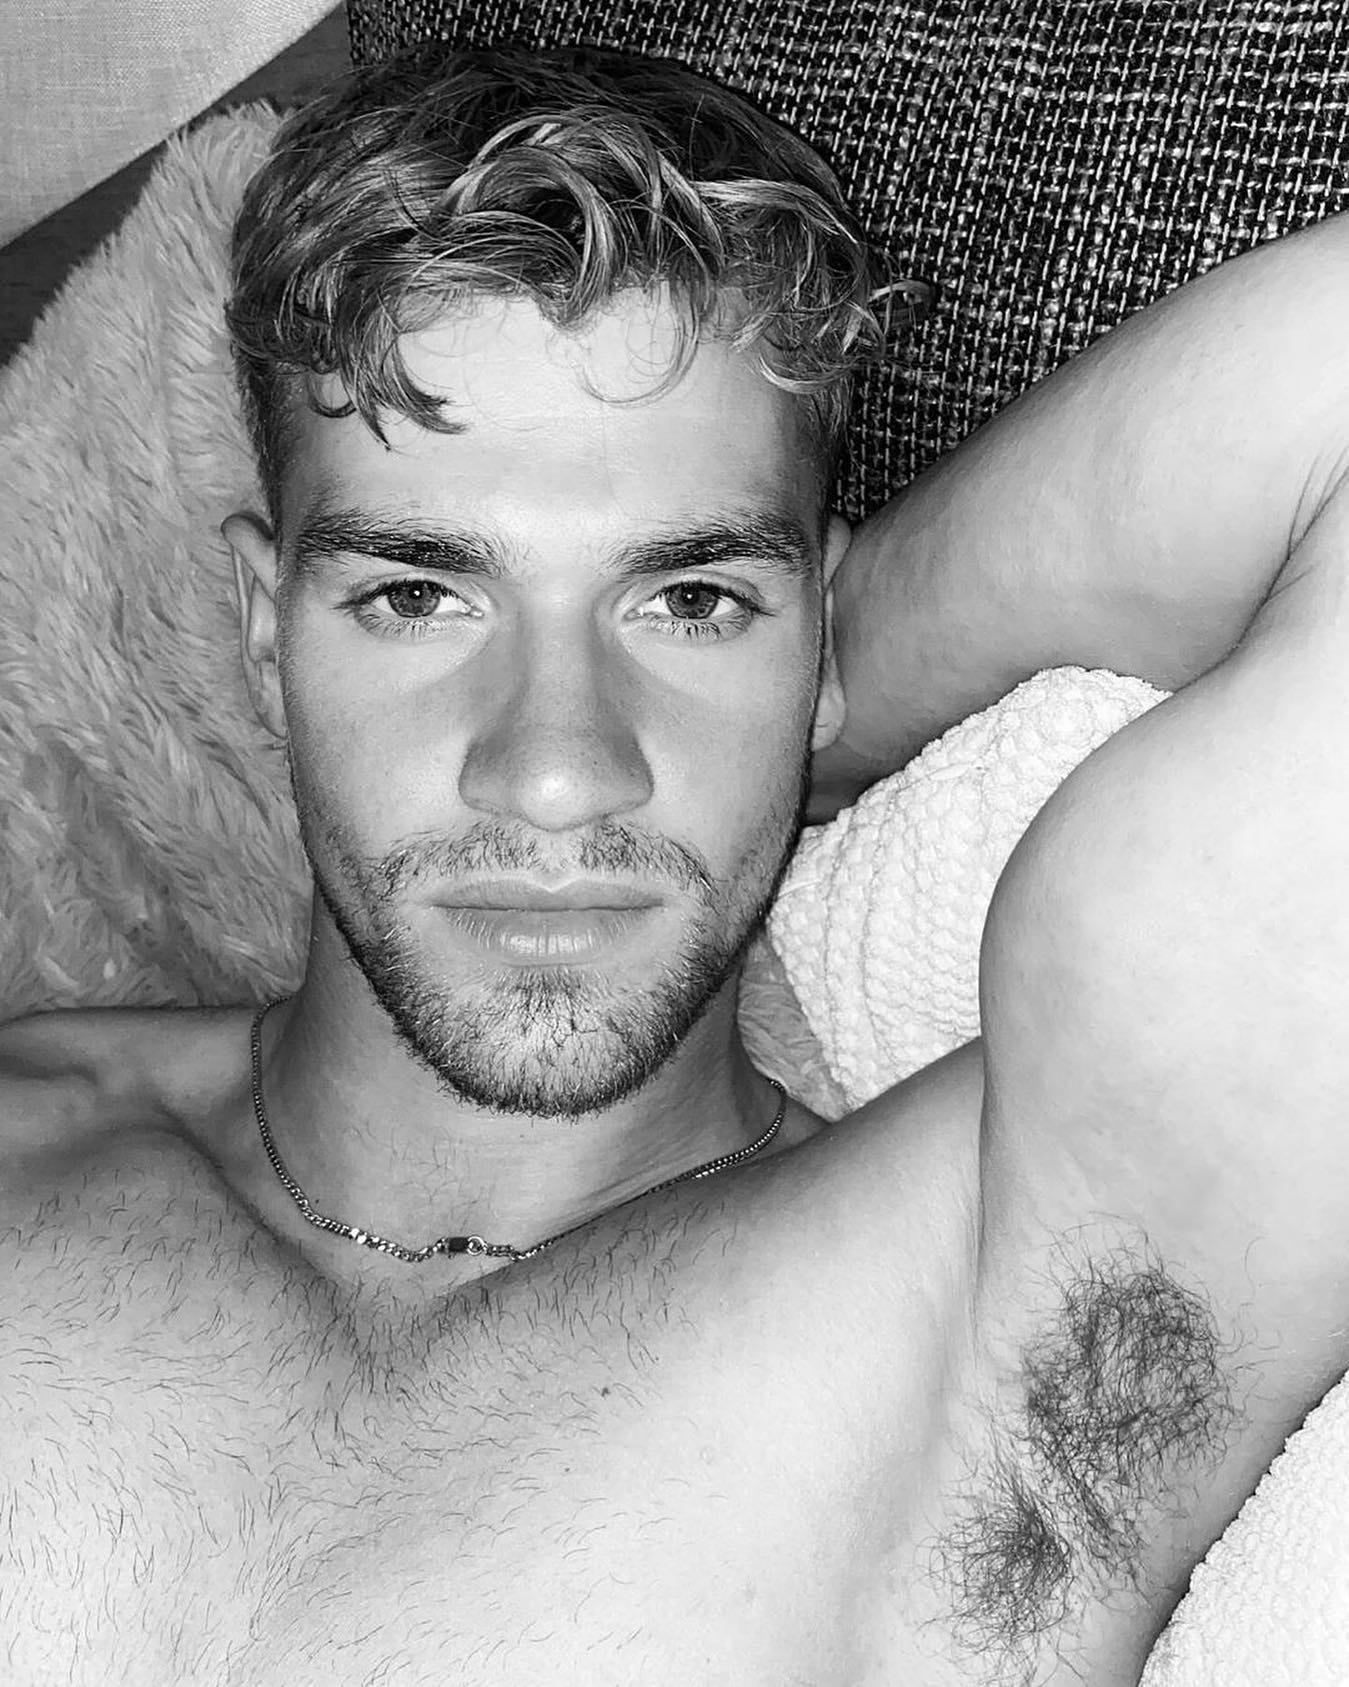 #men #blackandwhite #armpits